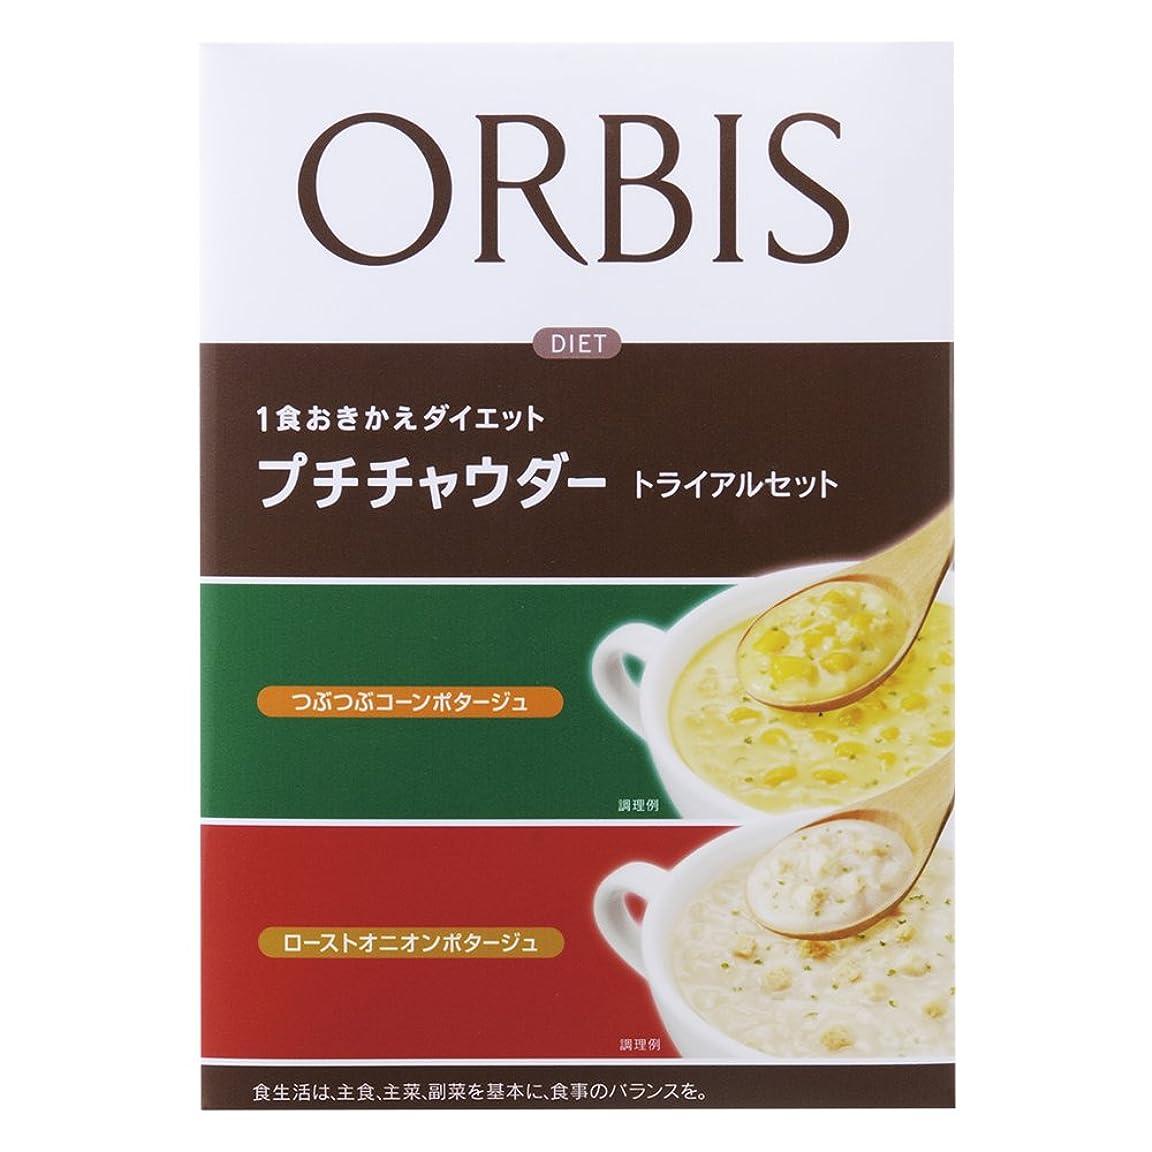 バッチ上院フクロウオルビス(ORBIS) プチチャウダー トライアルセット 2食分(各味1食) ◎ダイエットスープ◎ 1食分約123kcal